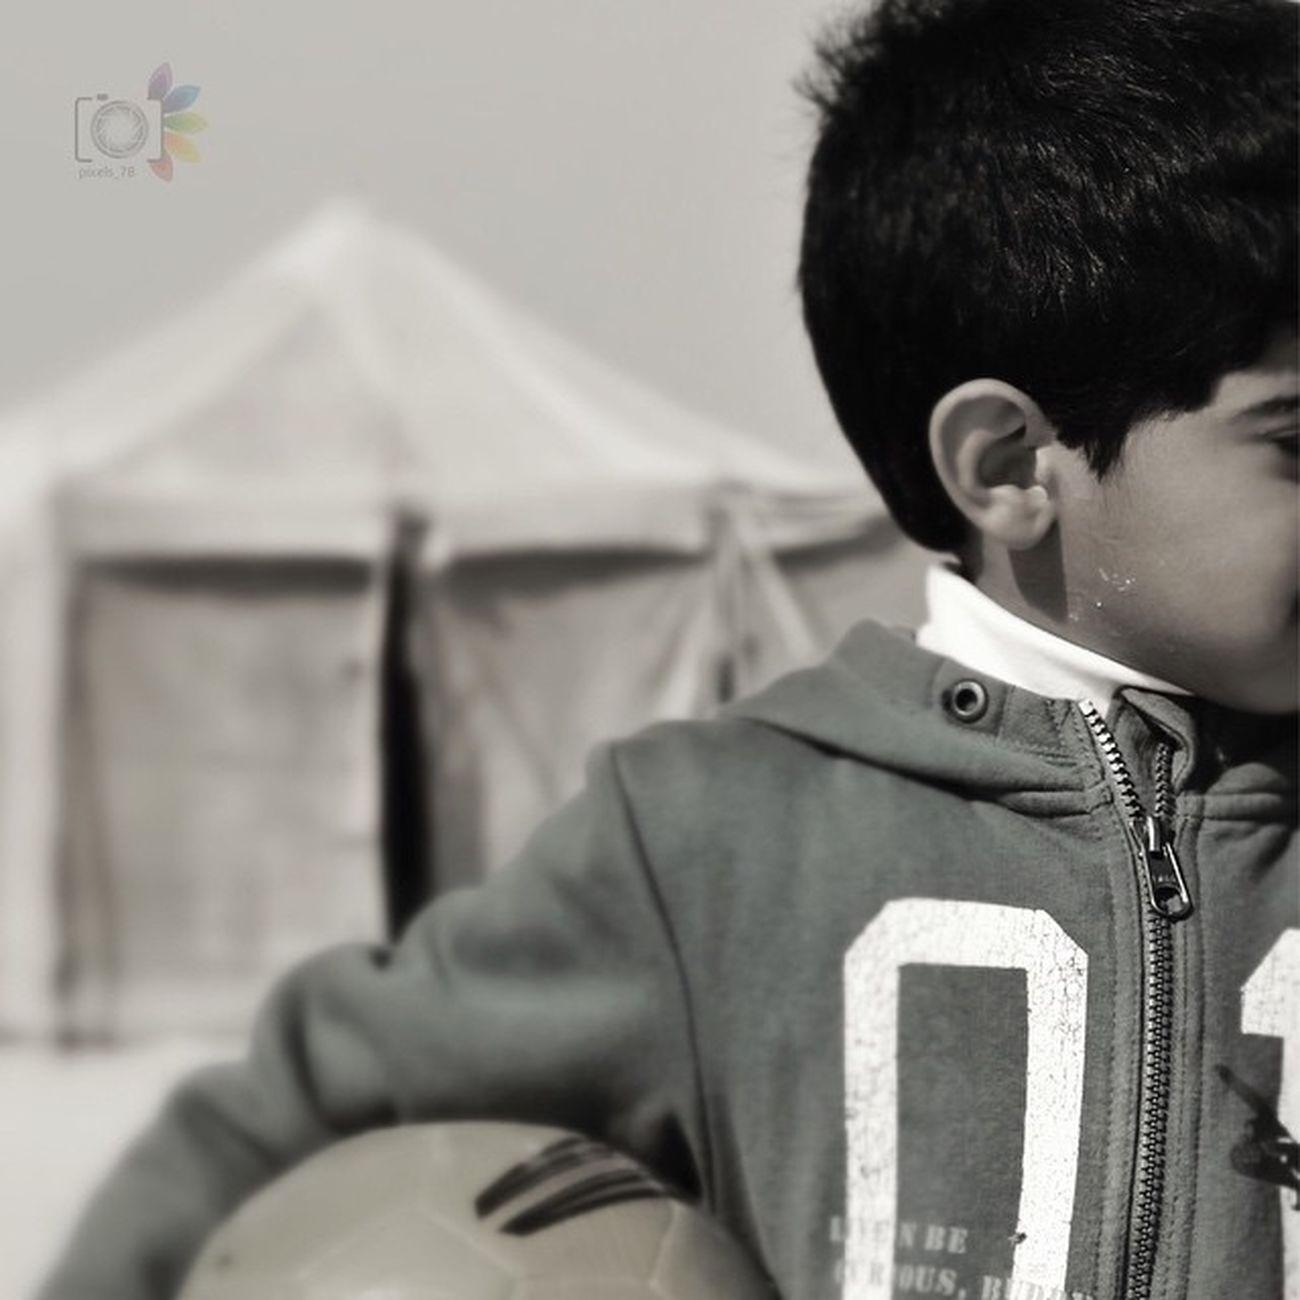 ليس هُناك أجمَل من طفل يُشاهدك حزين ولا يعلم ما بك فـ يَجلس بِجانبك . حقيقة لعب اطفال البحرين صخير مخيم رحله 2014 Insta Instapic Instagram Instamood Camping Kids Play_foot_ball